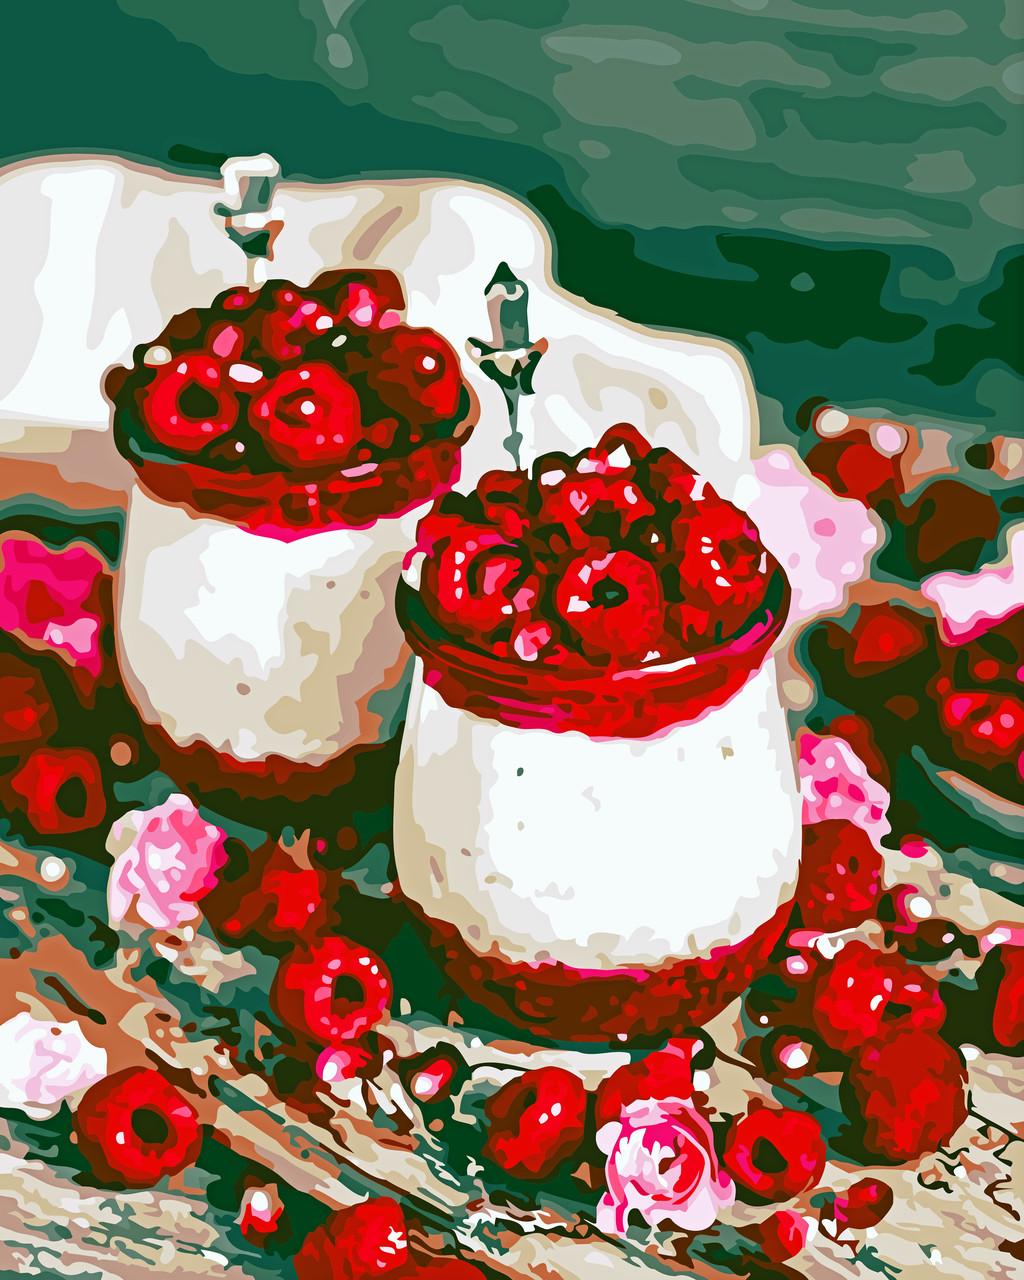 Художественный творческий набор, картина по номерам Малиновый десерт, 40x50 см, «Art Story» (AS0591)